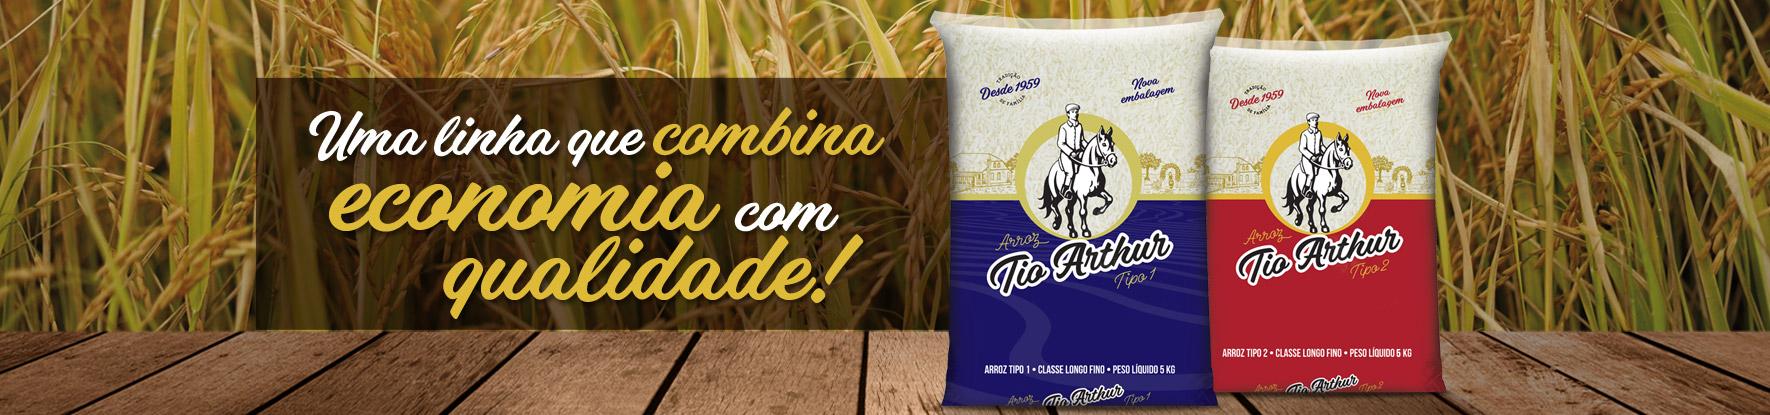 Conheça o arroz Tio Arthur